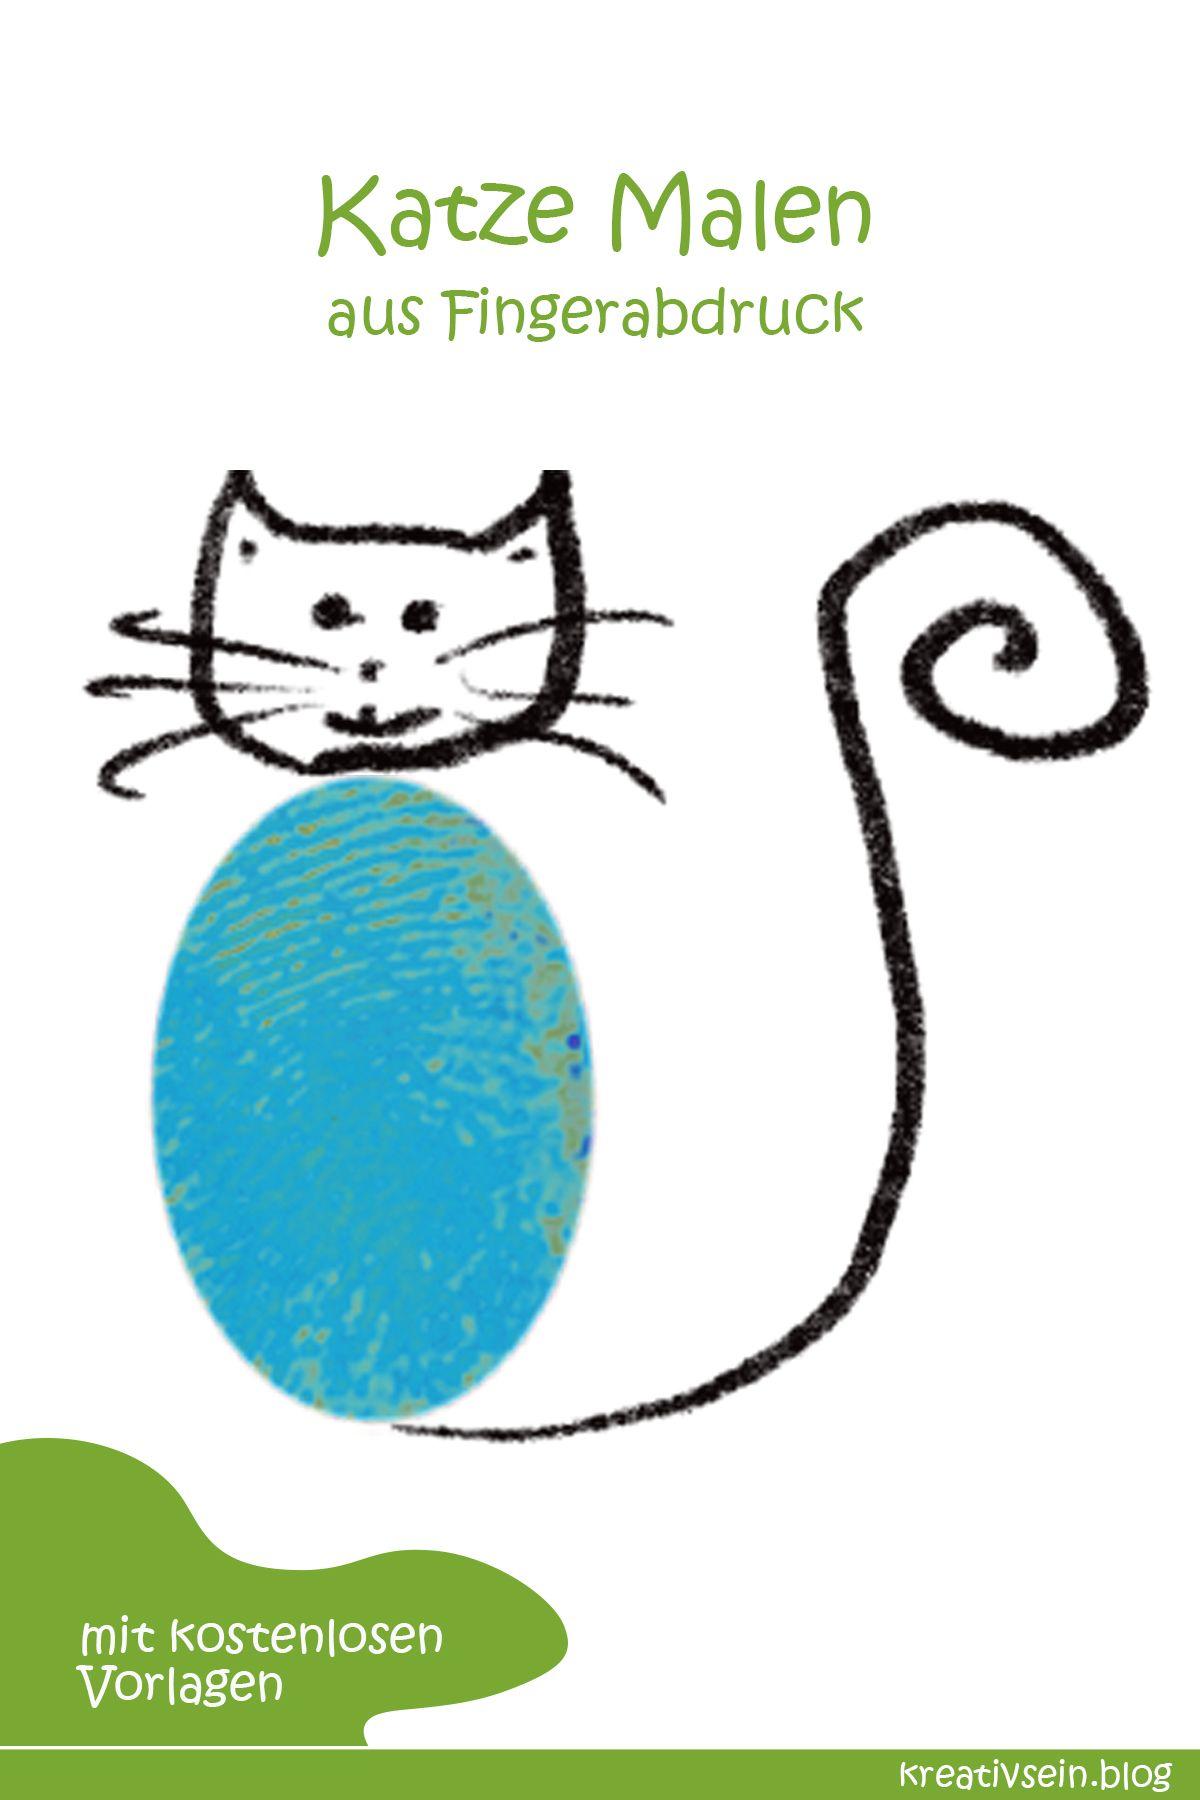 Fingerabdruck Tiere Malen Mit Kindern Kreativsein Blog Fingerabdruck Tiere Tiere Malen Malen Mit Kindern